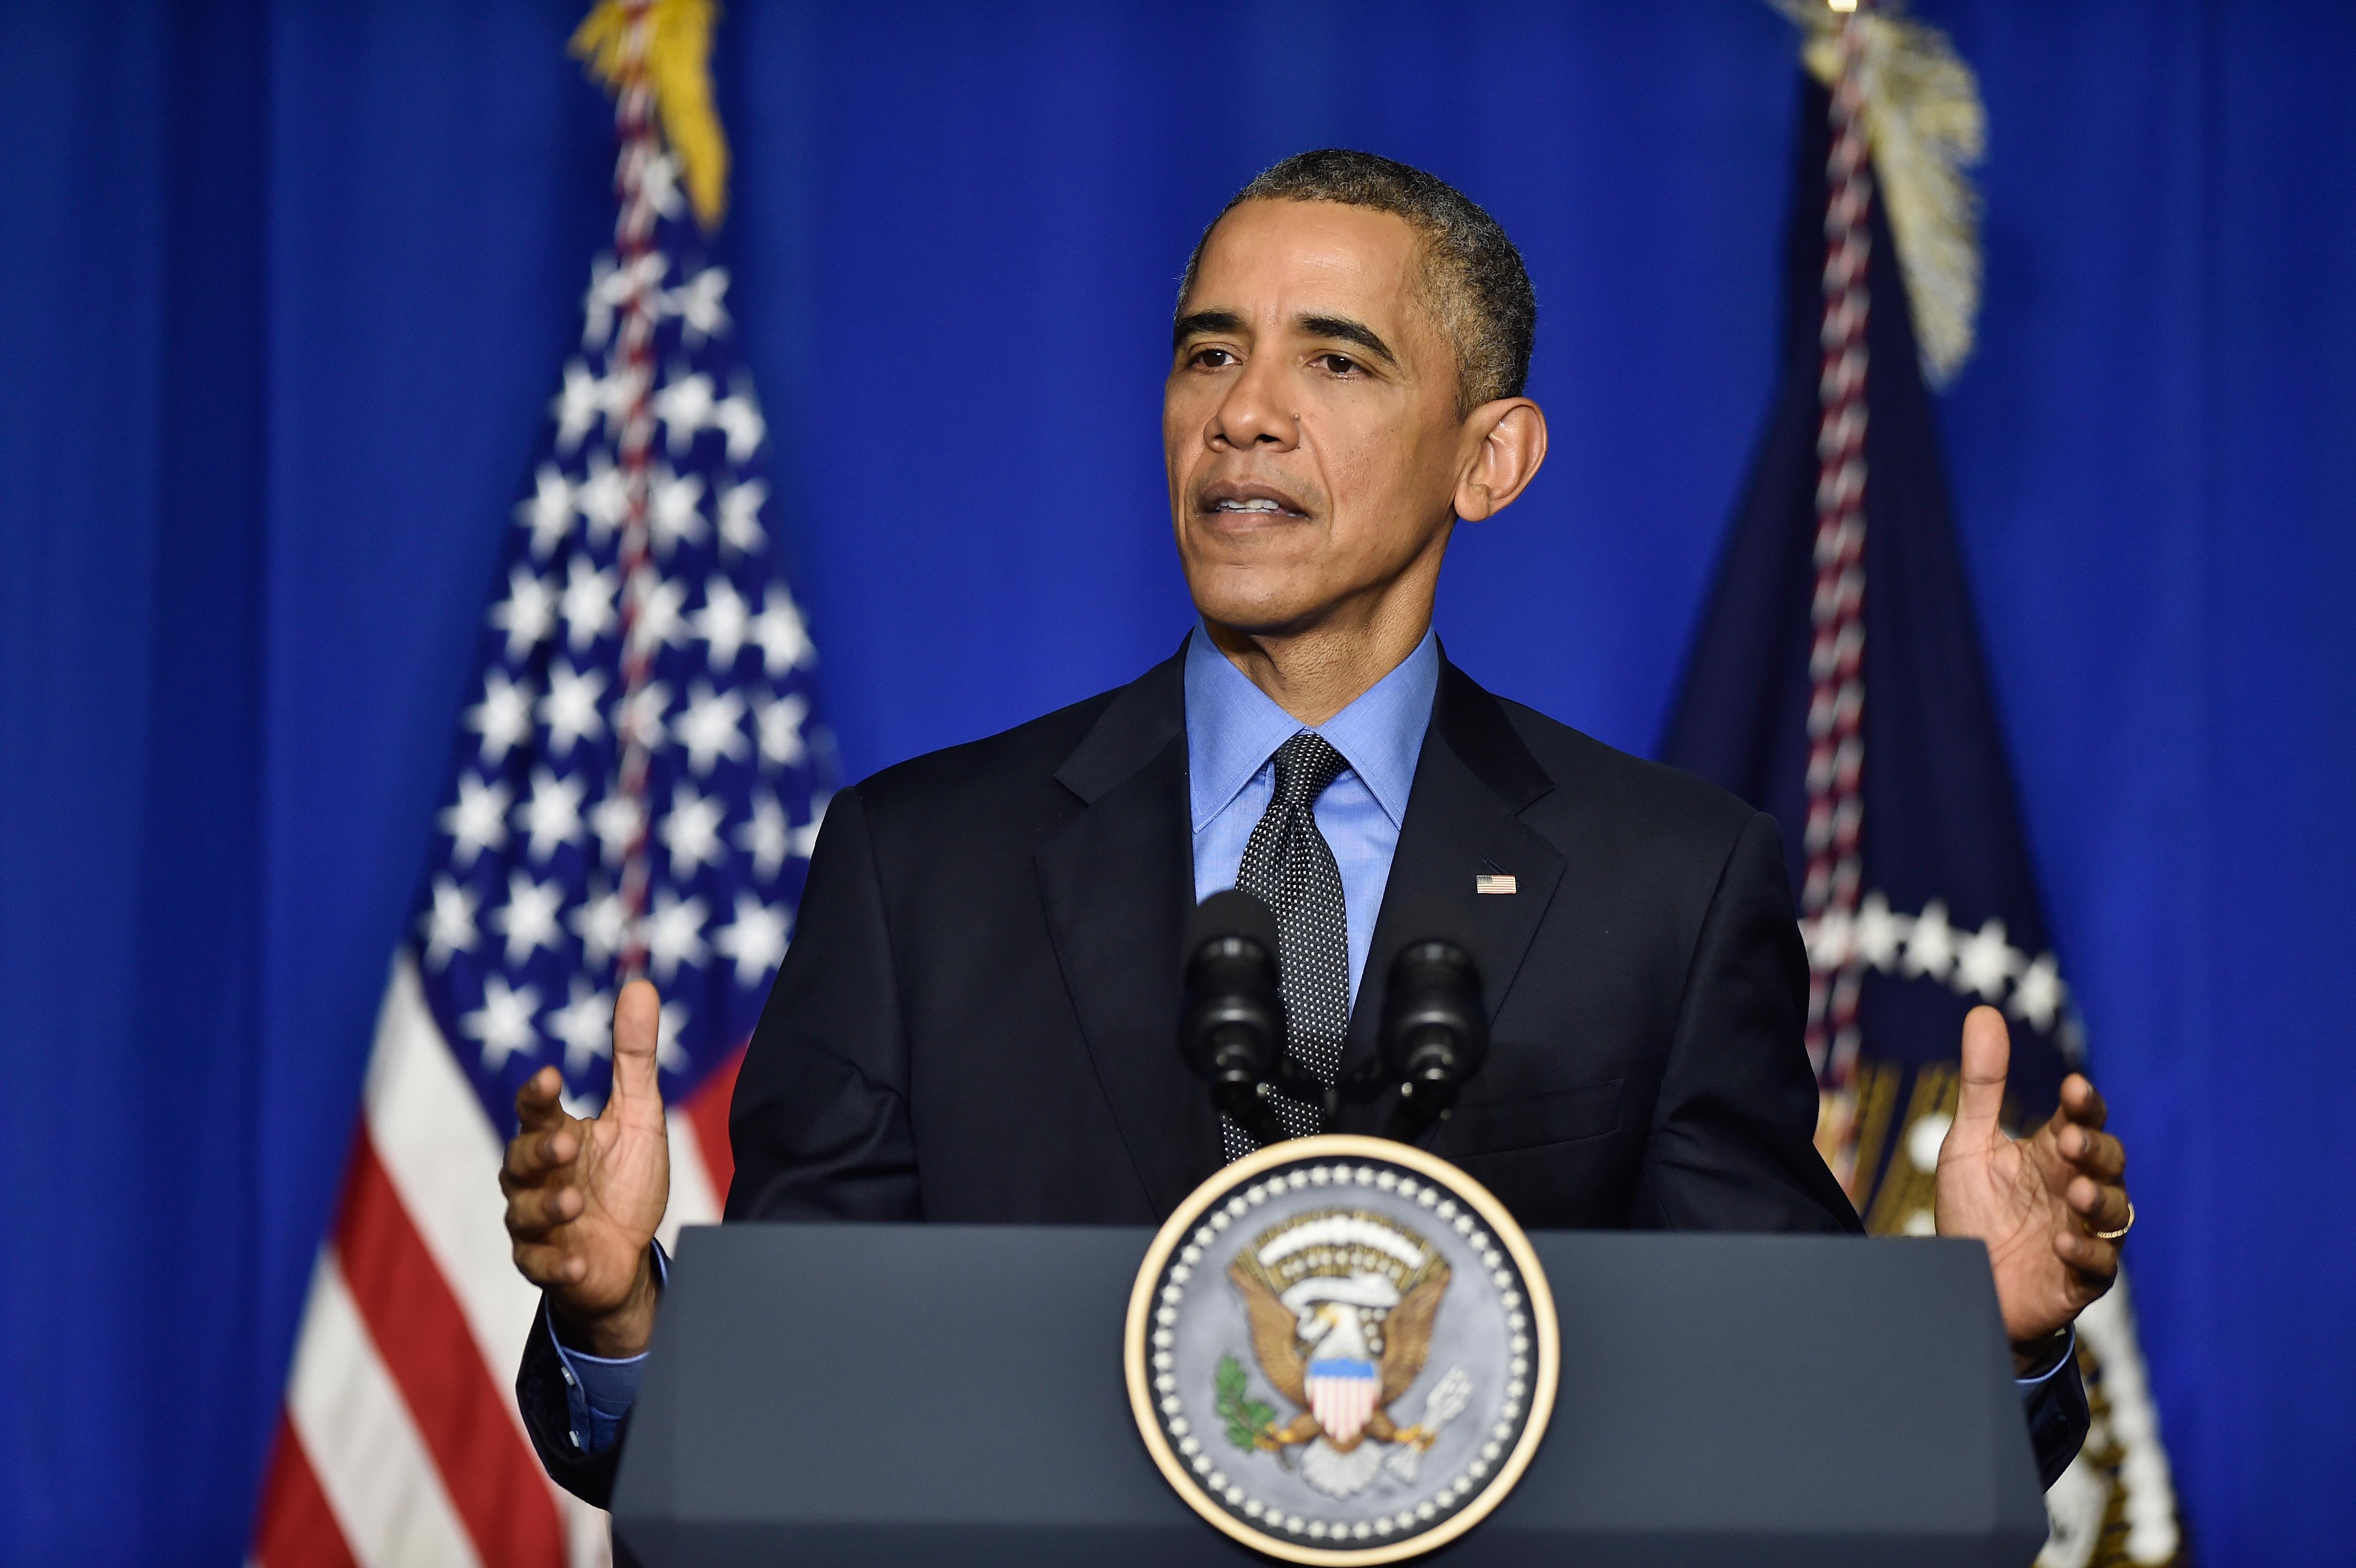 Barack Obama speaks on Dec. 1, 2015 in Paris, France.